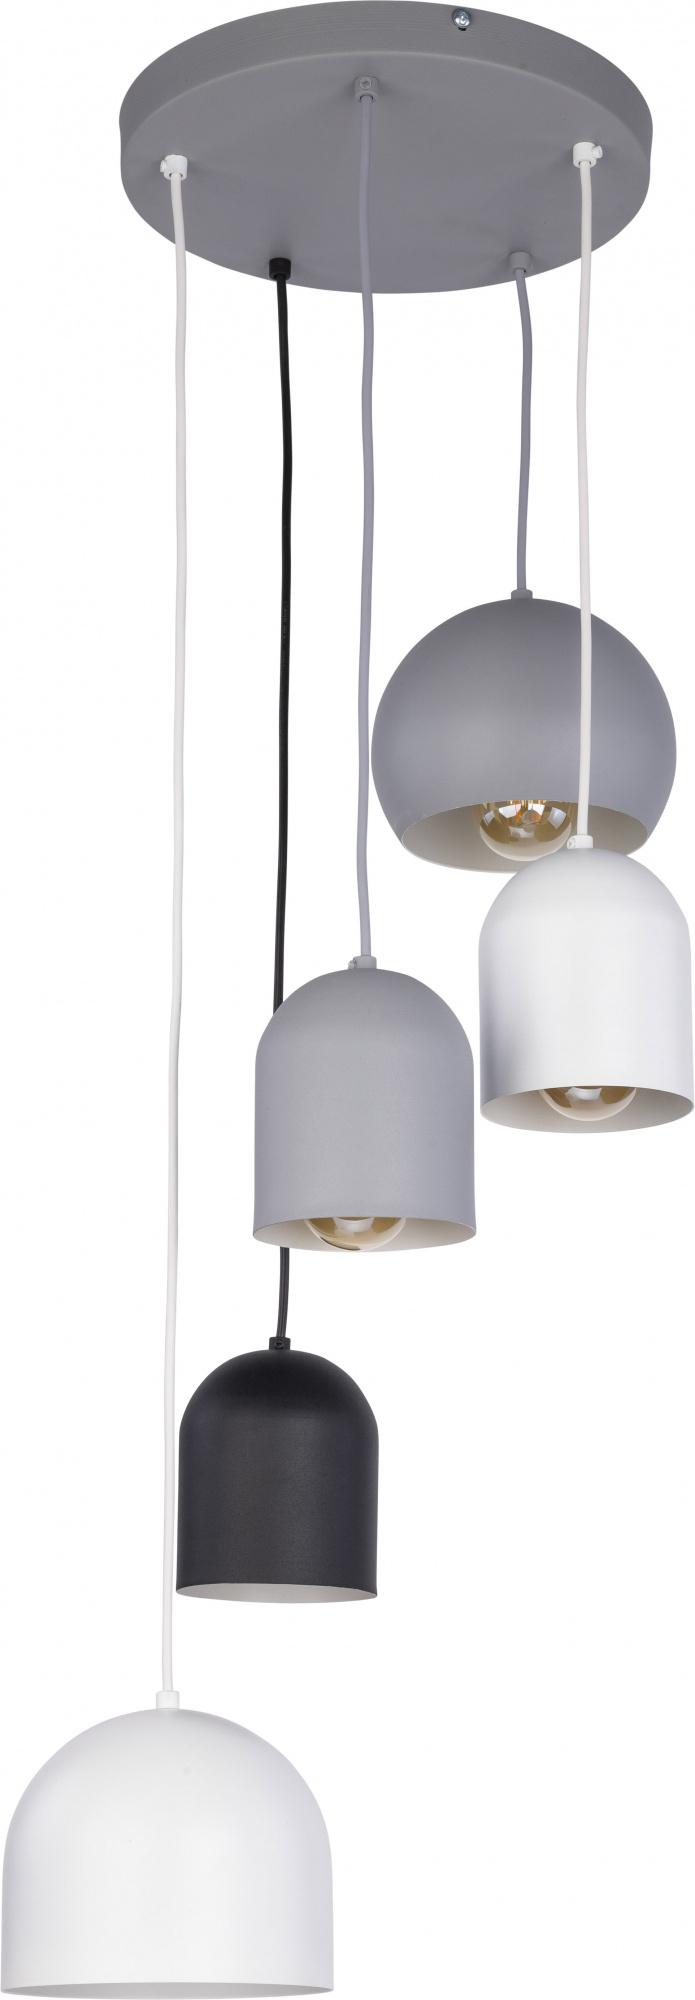 TK Lighting TK-2830 Tempre lámpa függeszték